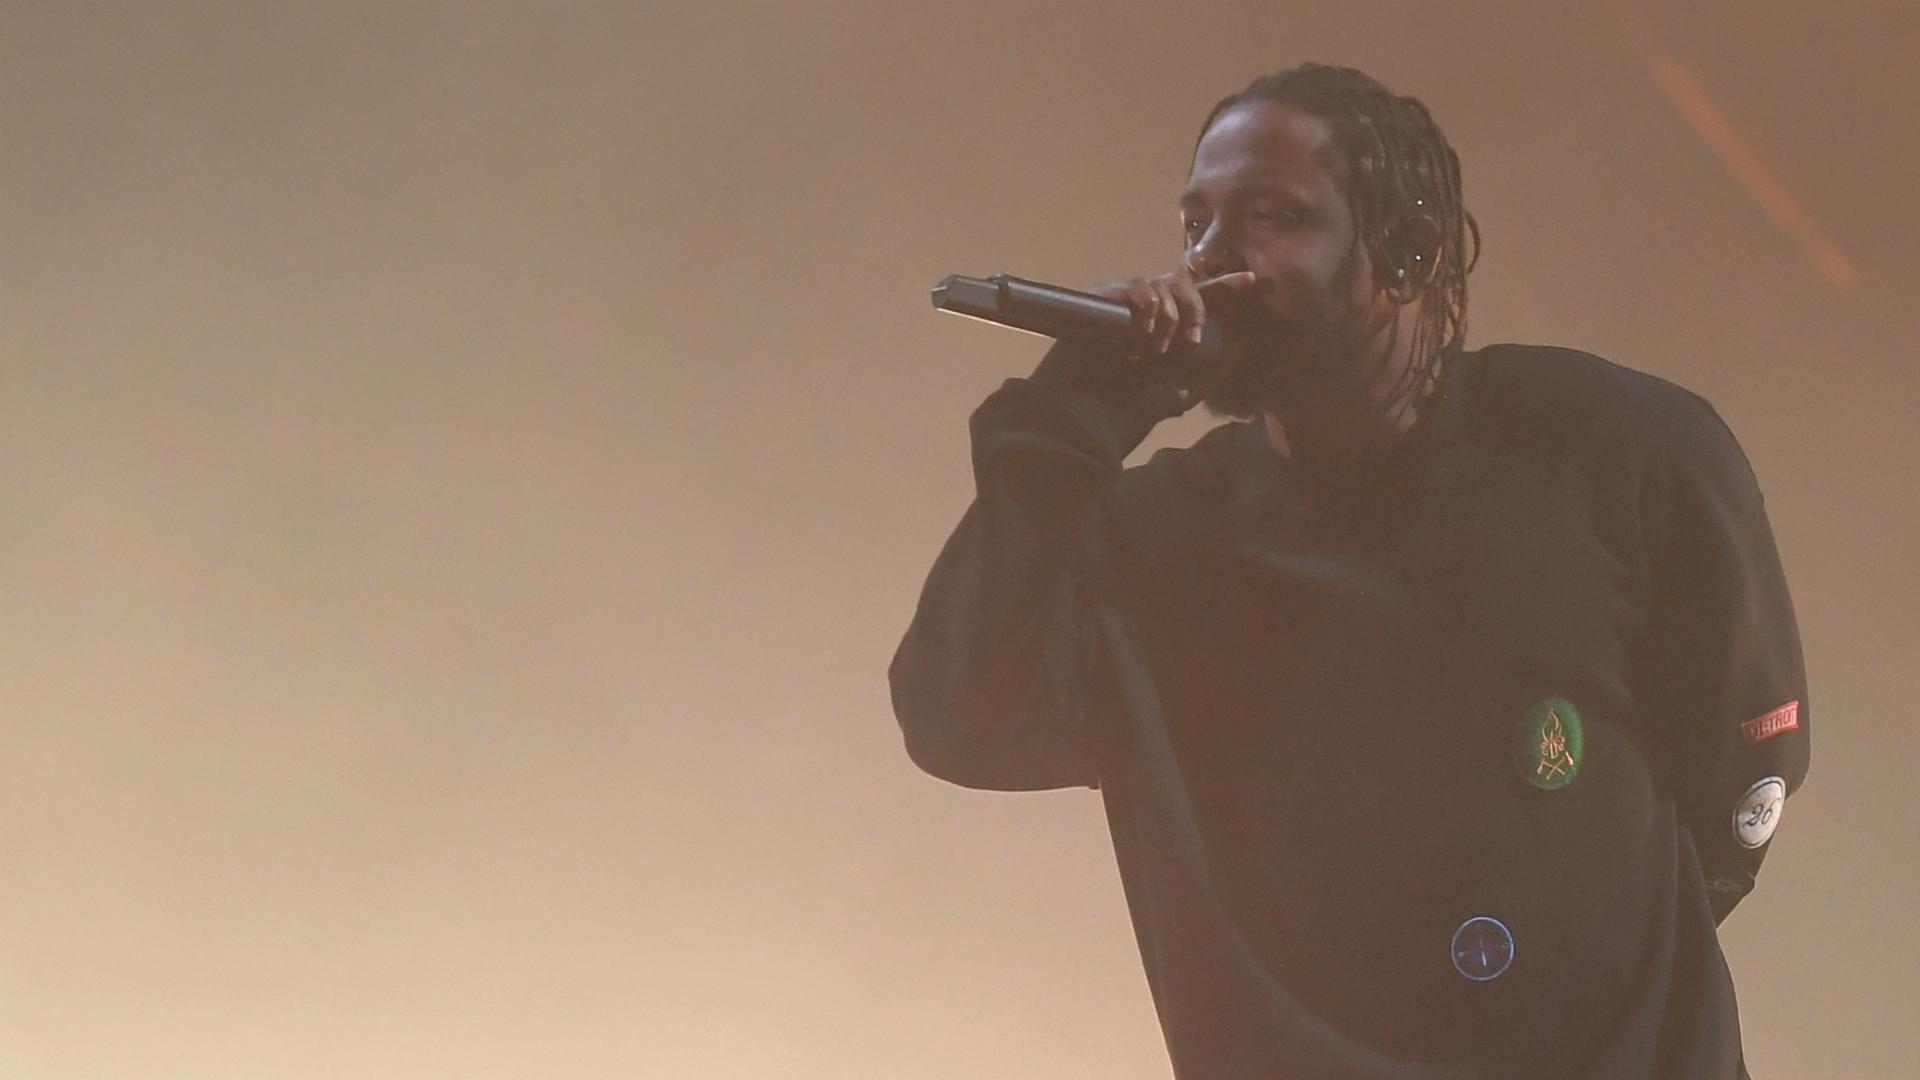 Kendrick-lamar-32417-usnews-getty-ftr_1liy6eui629mi1gfw120fex9wg